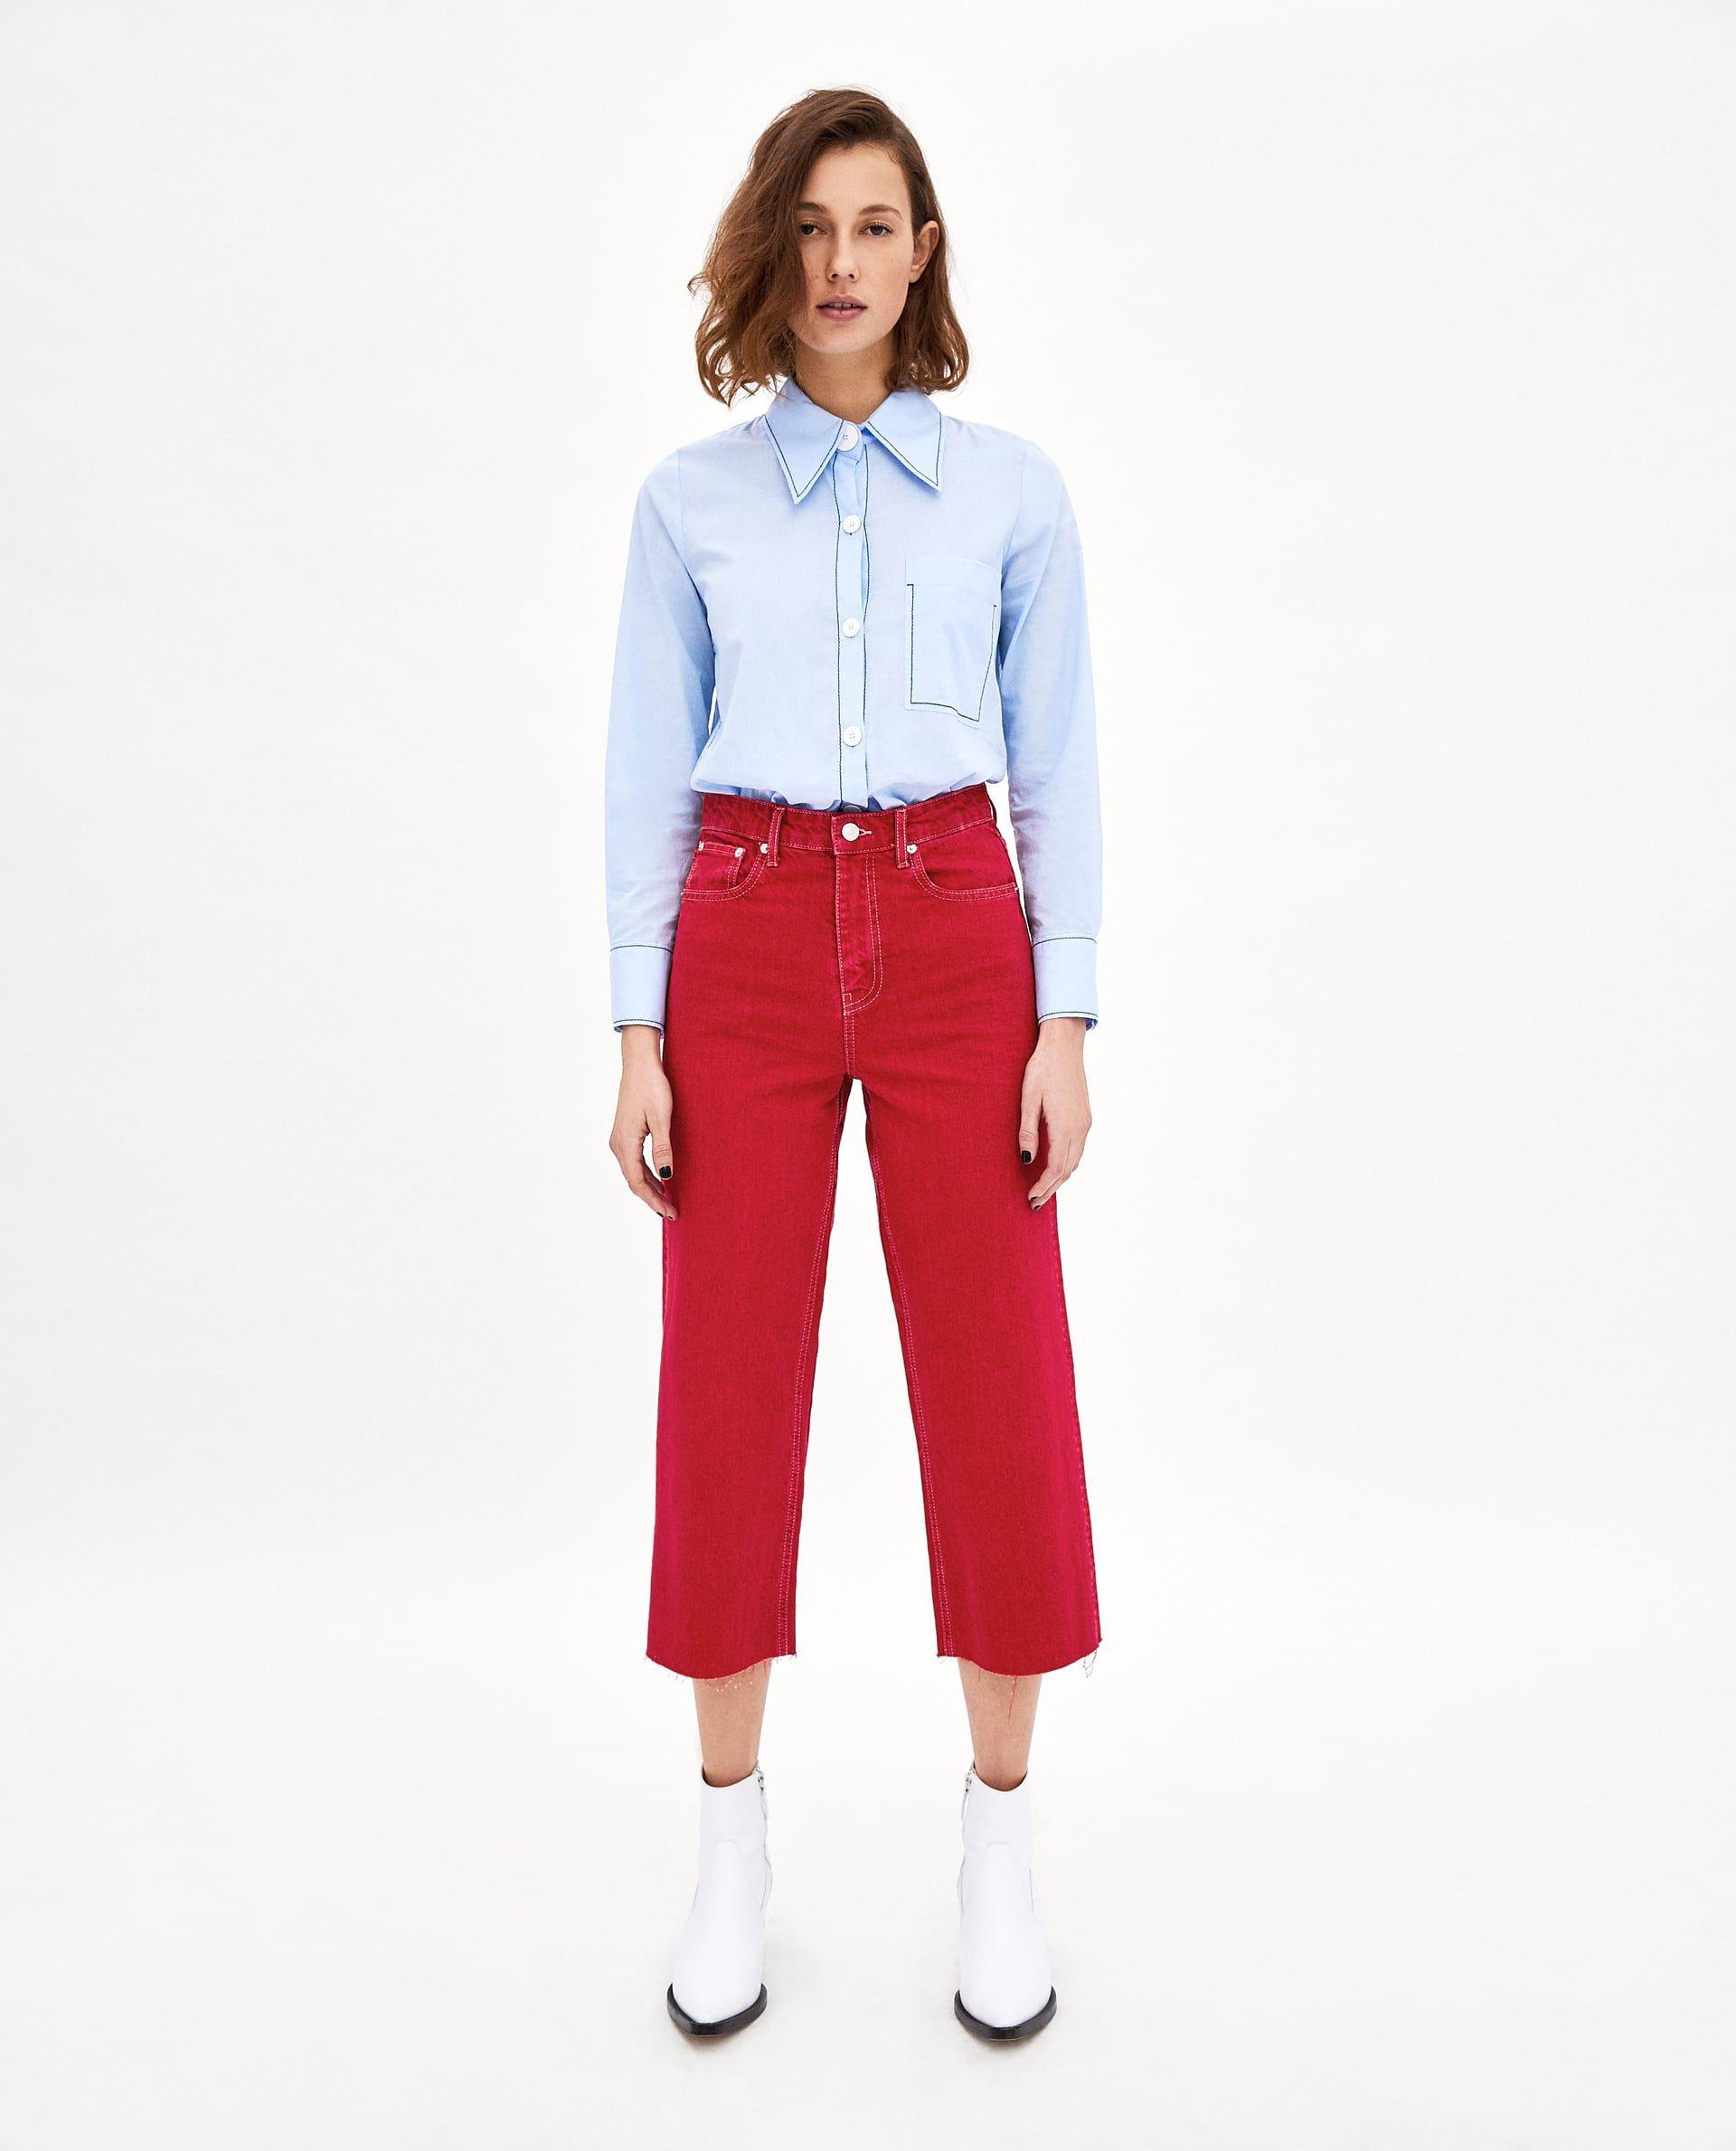 d3c610879b JEANS HIGH WAIST CULOTTE VERMONT RED | Vêtements | High waist jeans ...